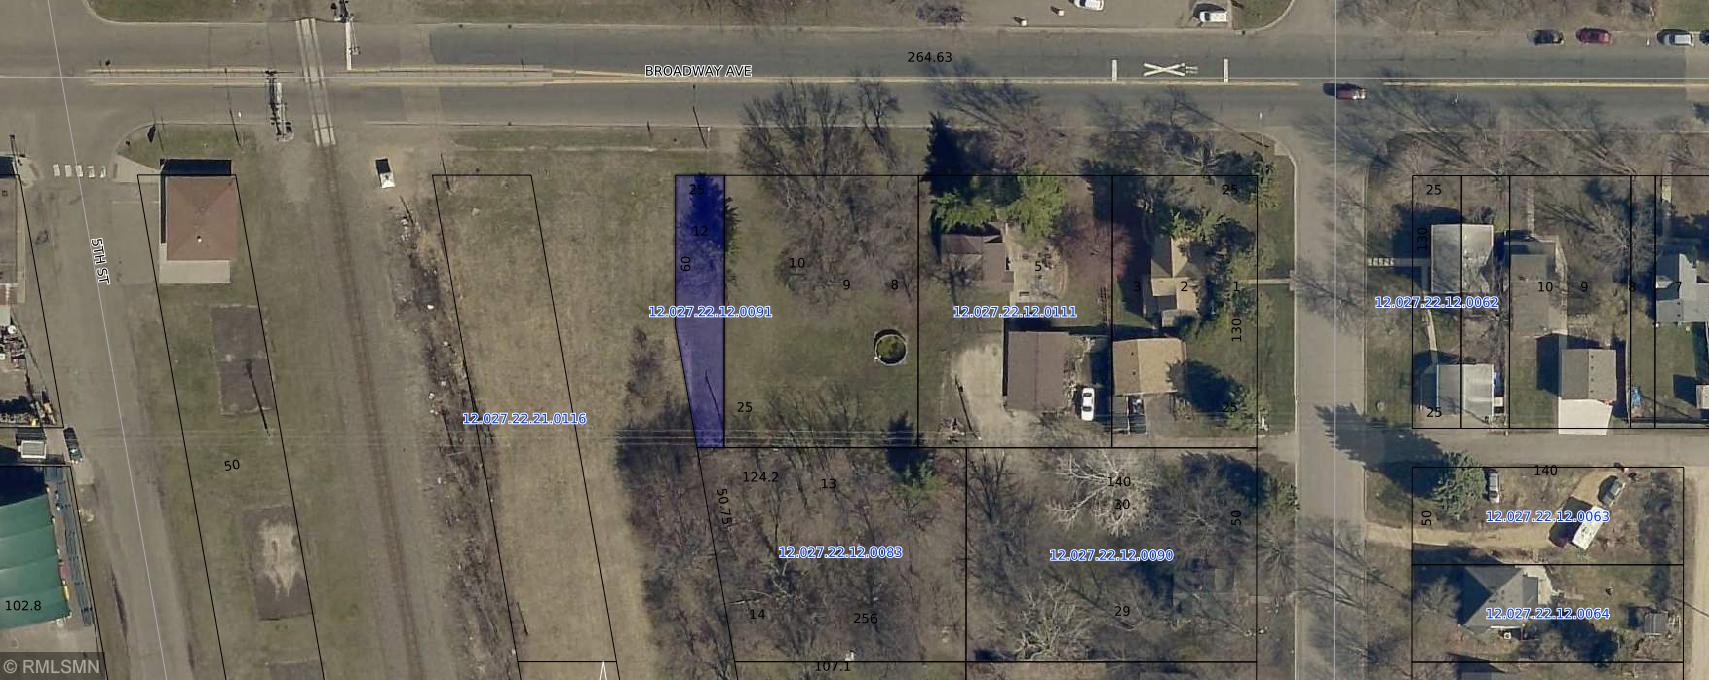 XXXX Blk A,B,213-219,232-263 LOT 12 Property Photo - Saint Paul Park, MN real estate listing